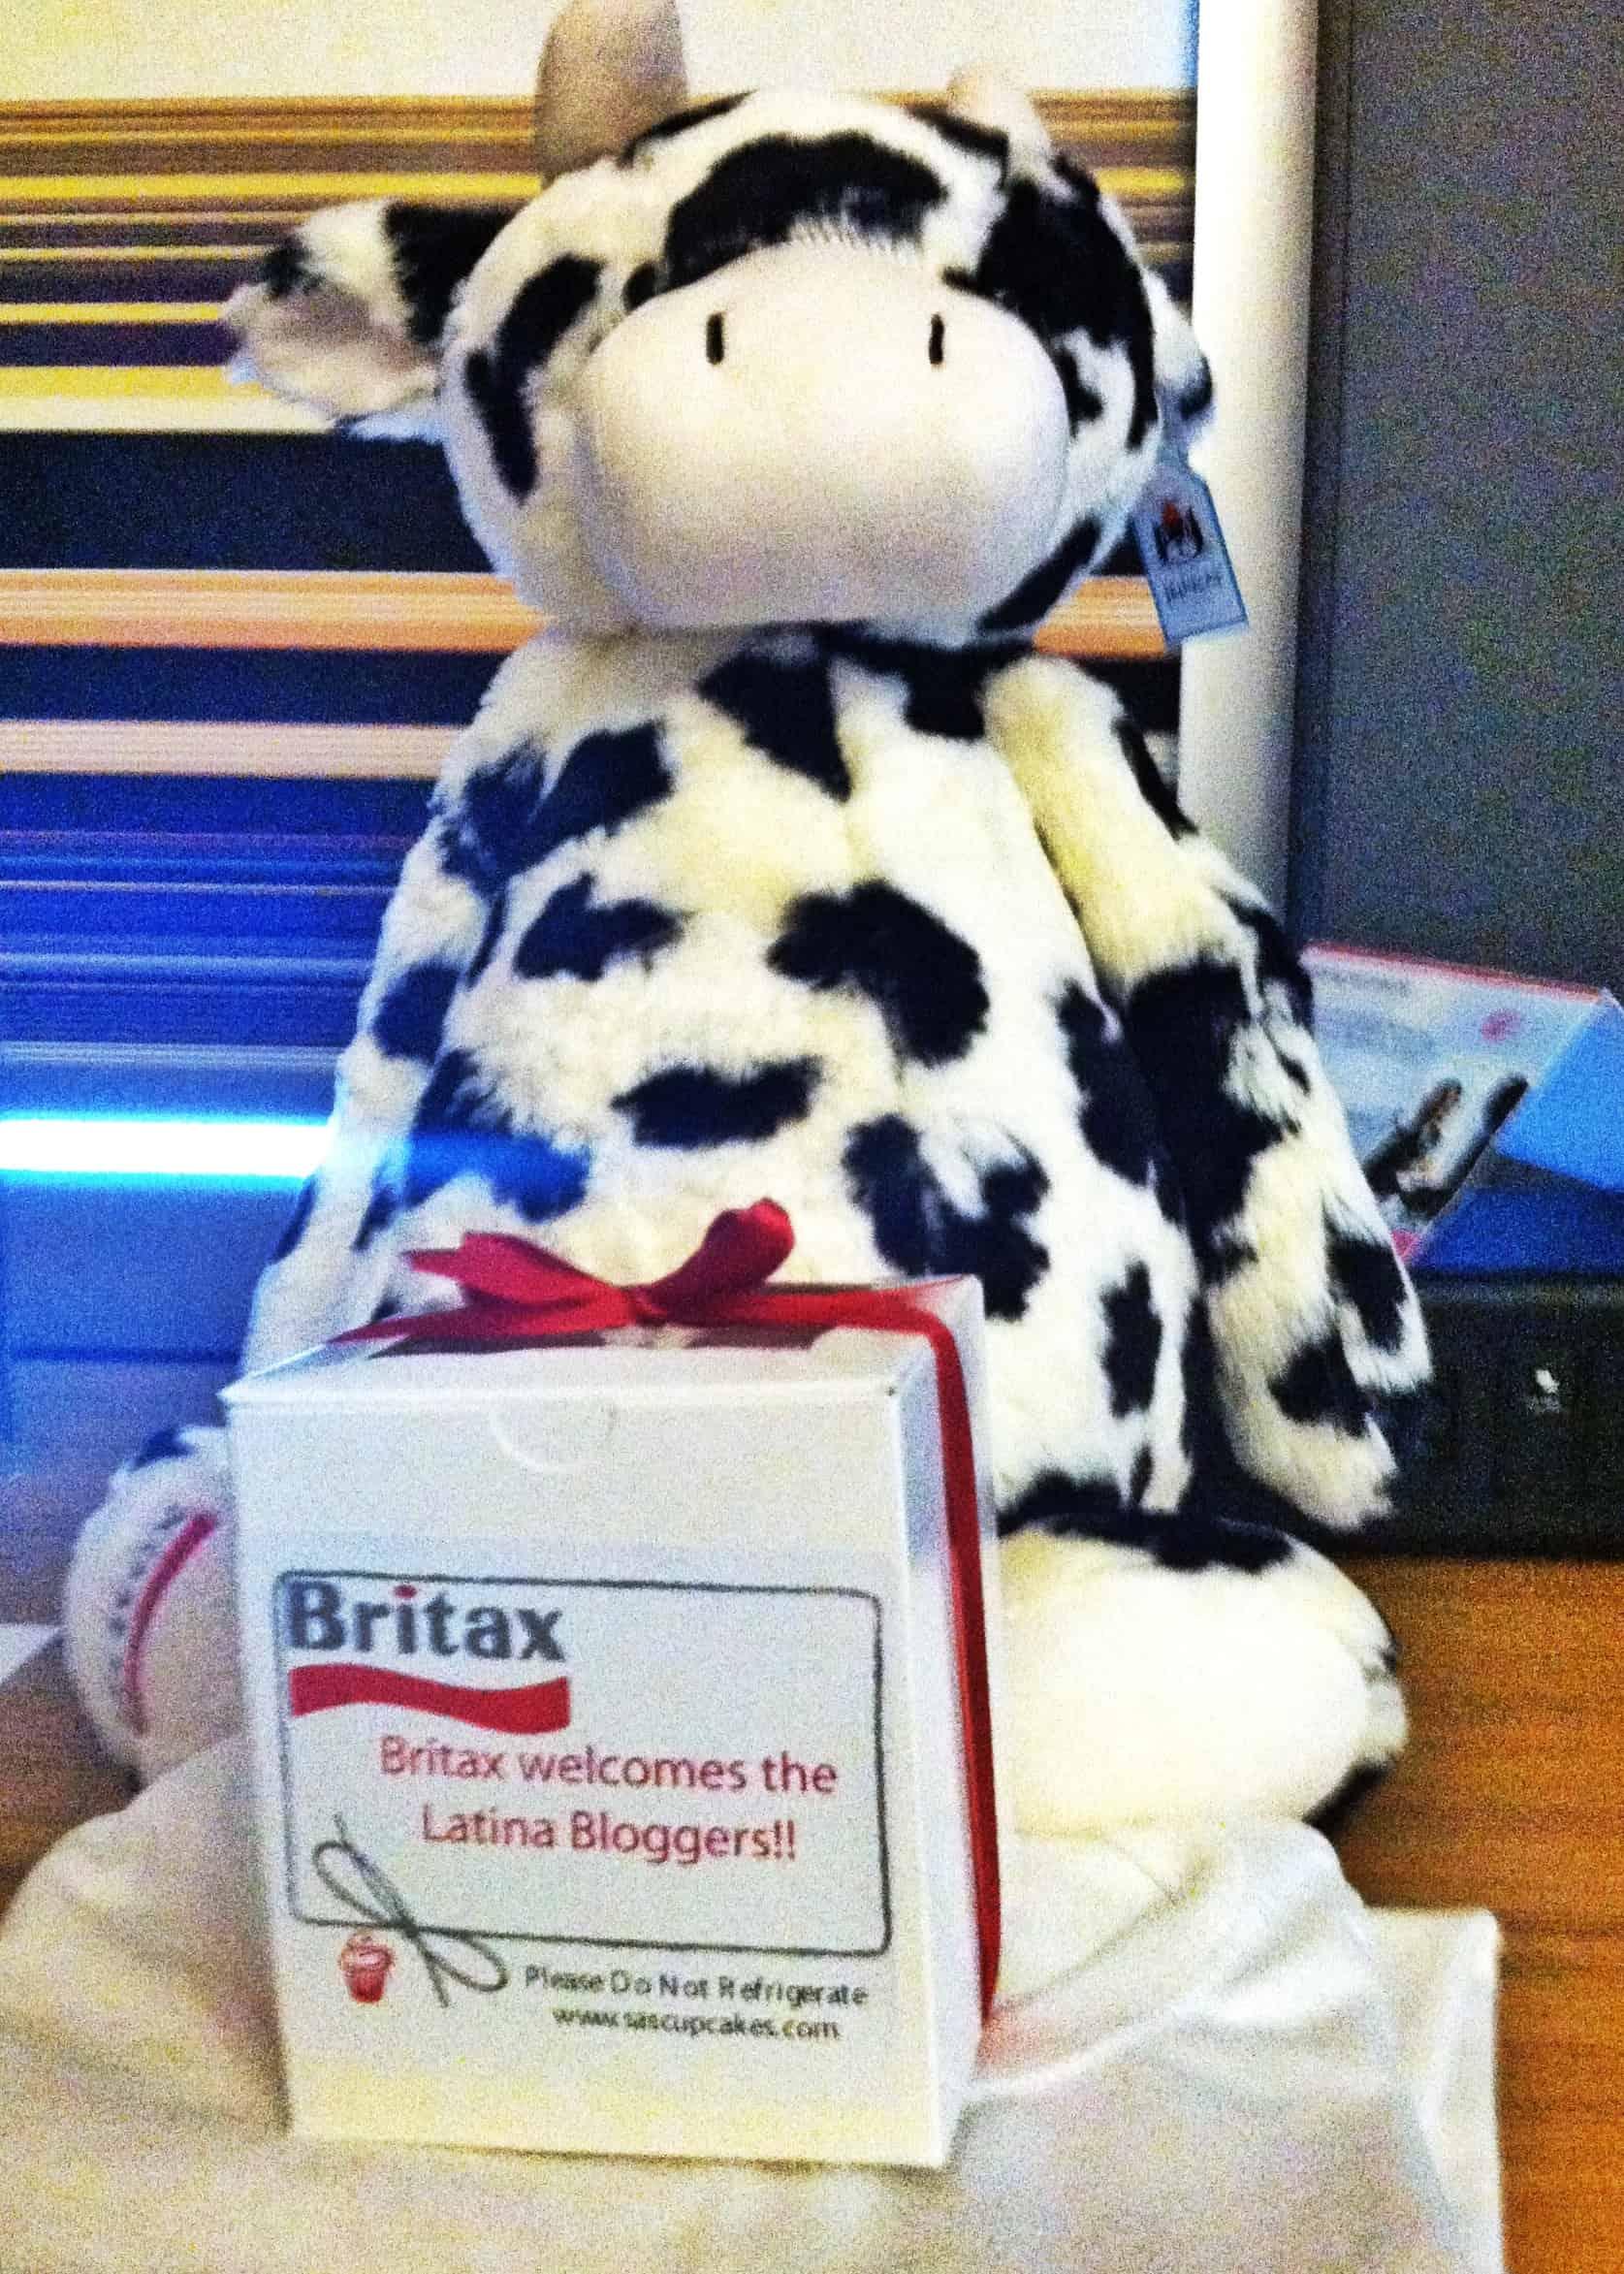 Britax Cow doll